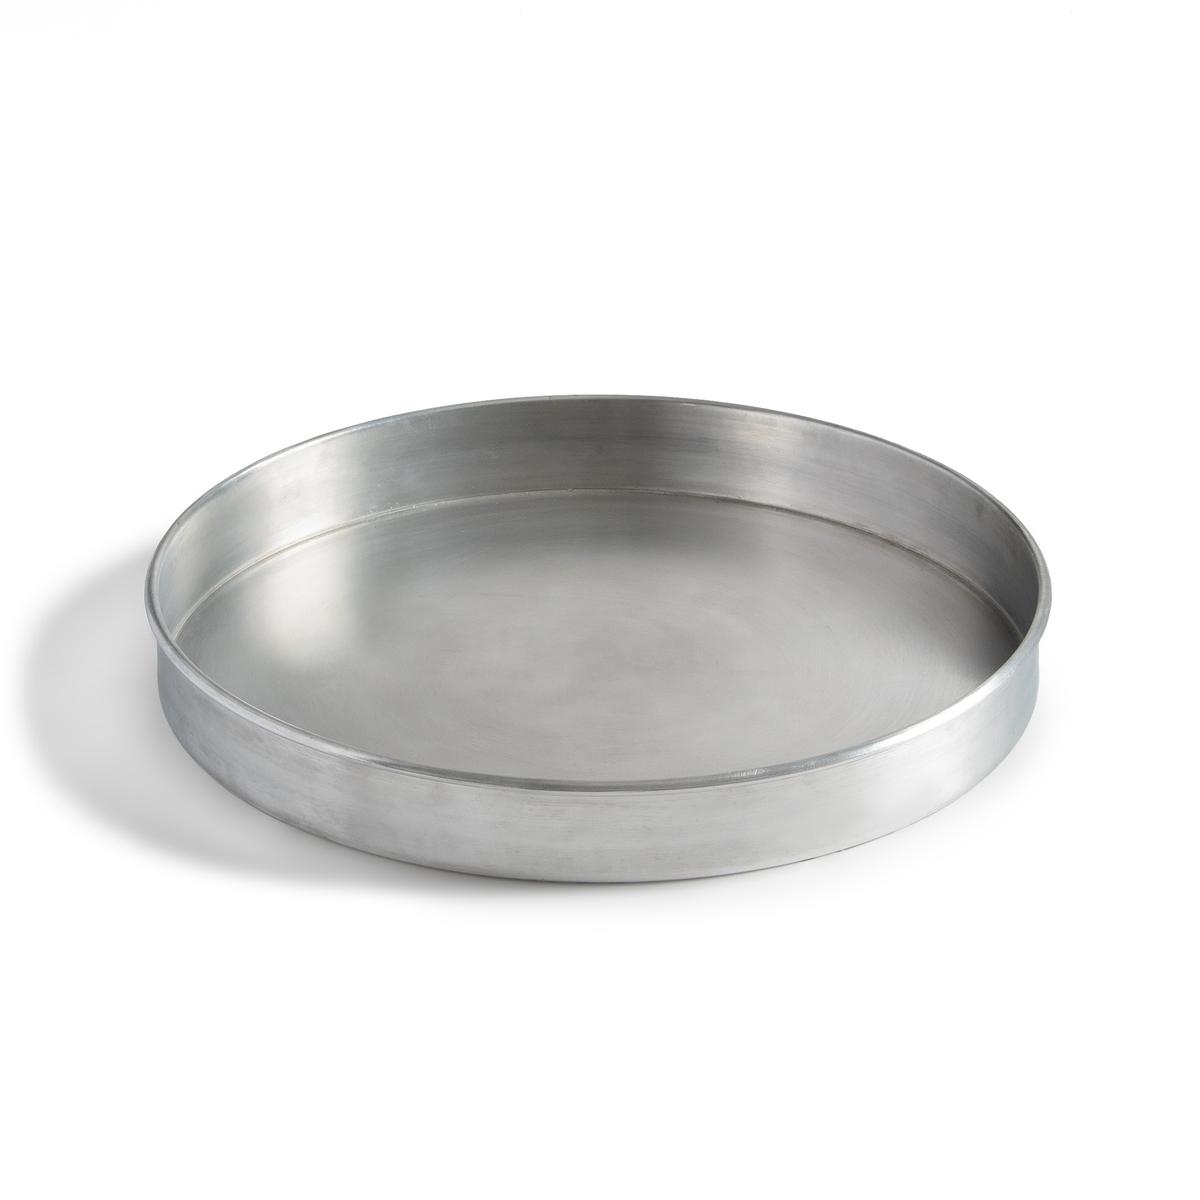 Поднос круглый Toweli поднос gift